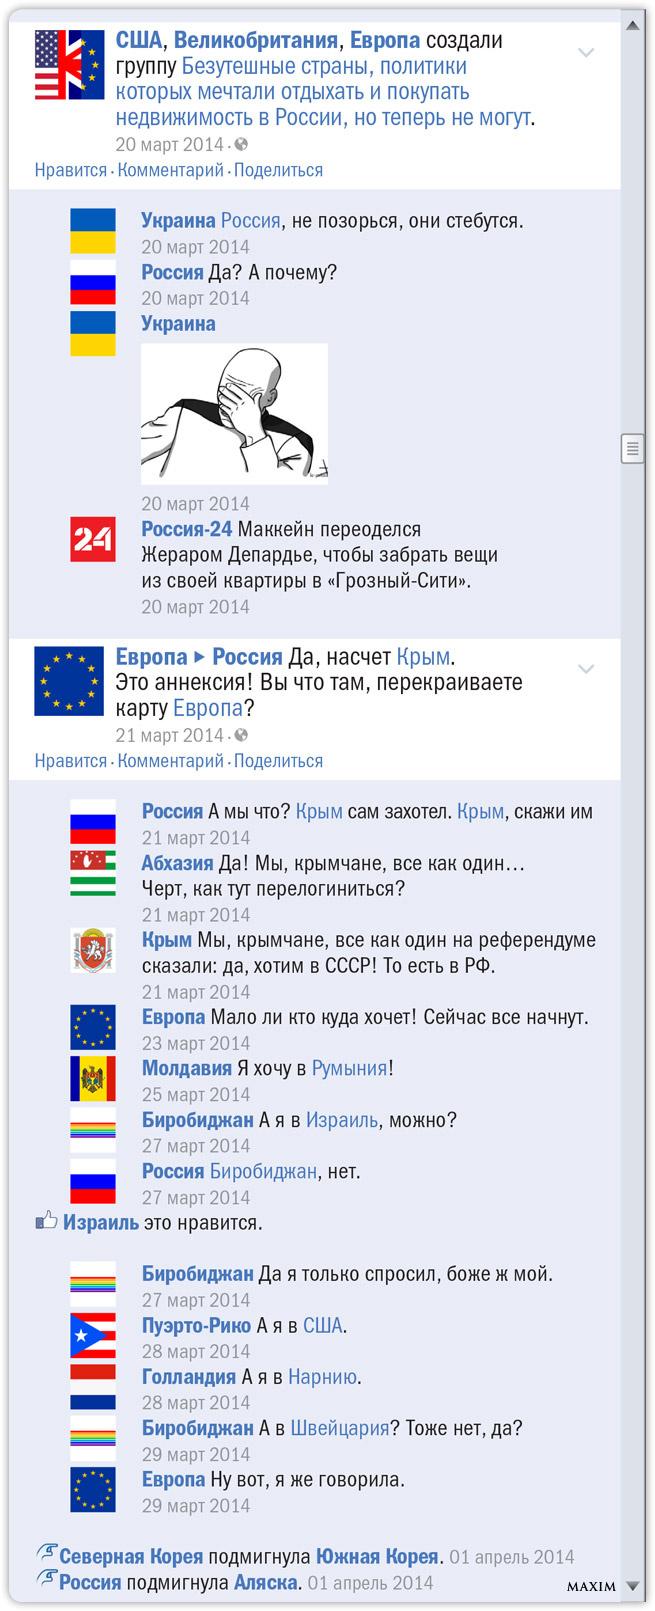 прикольные картинки и видеоролики 1413478589_rossiya-i-uraina-perepiska-facebook-5